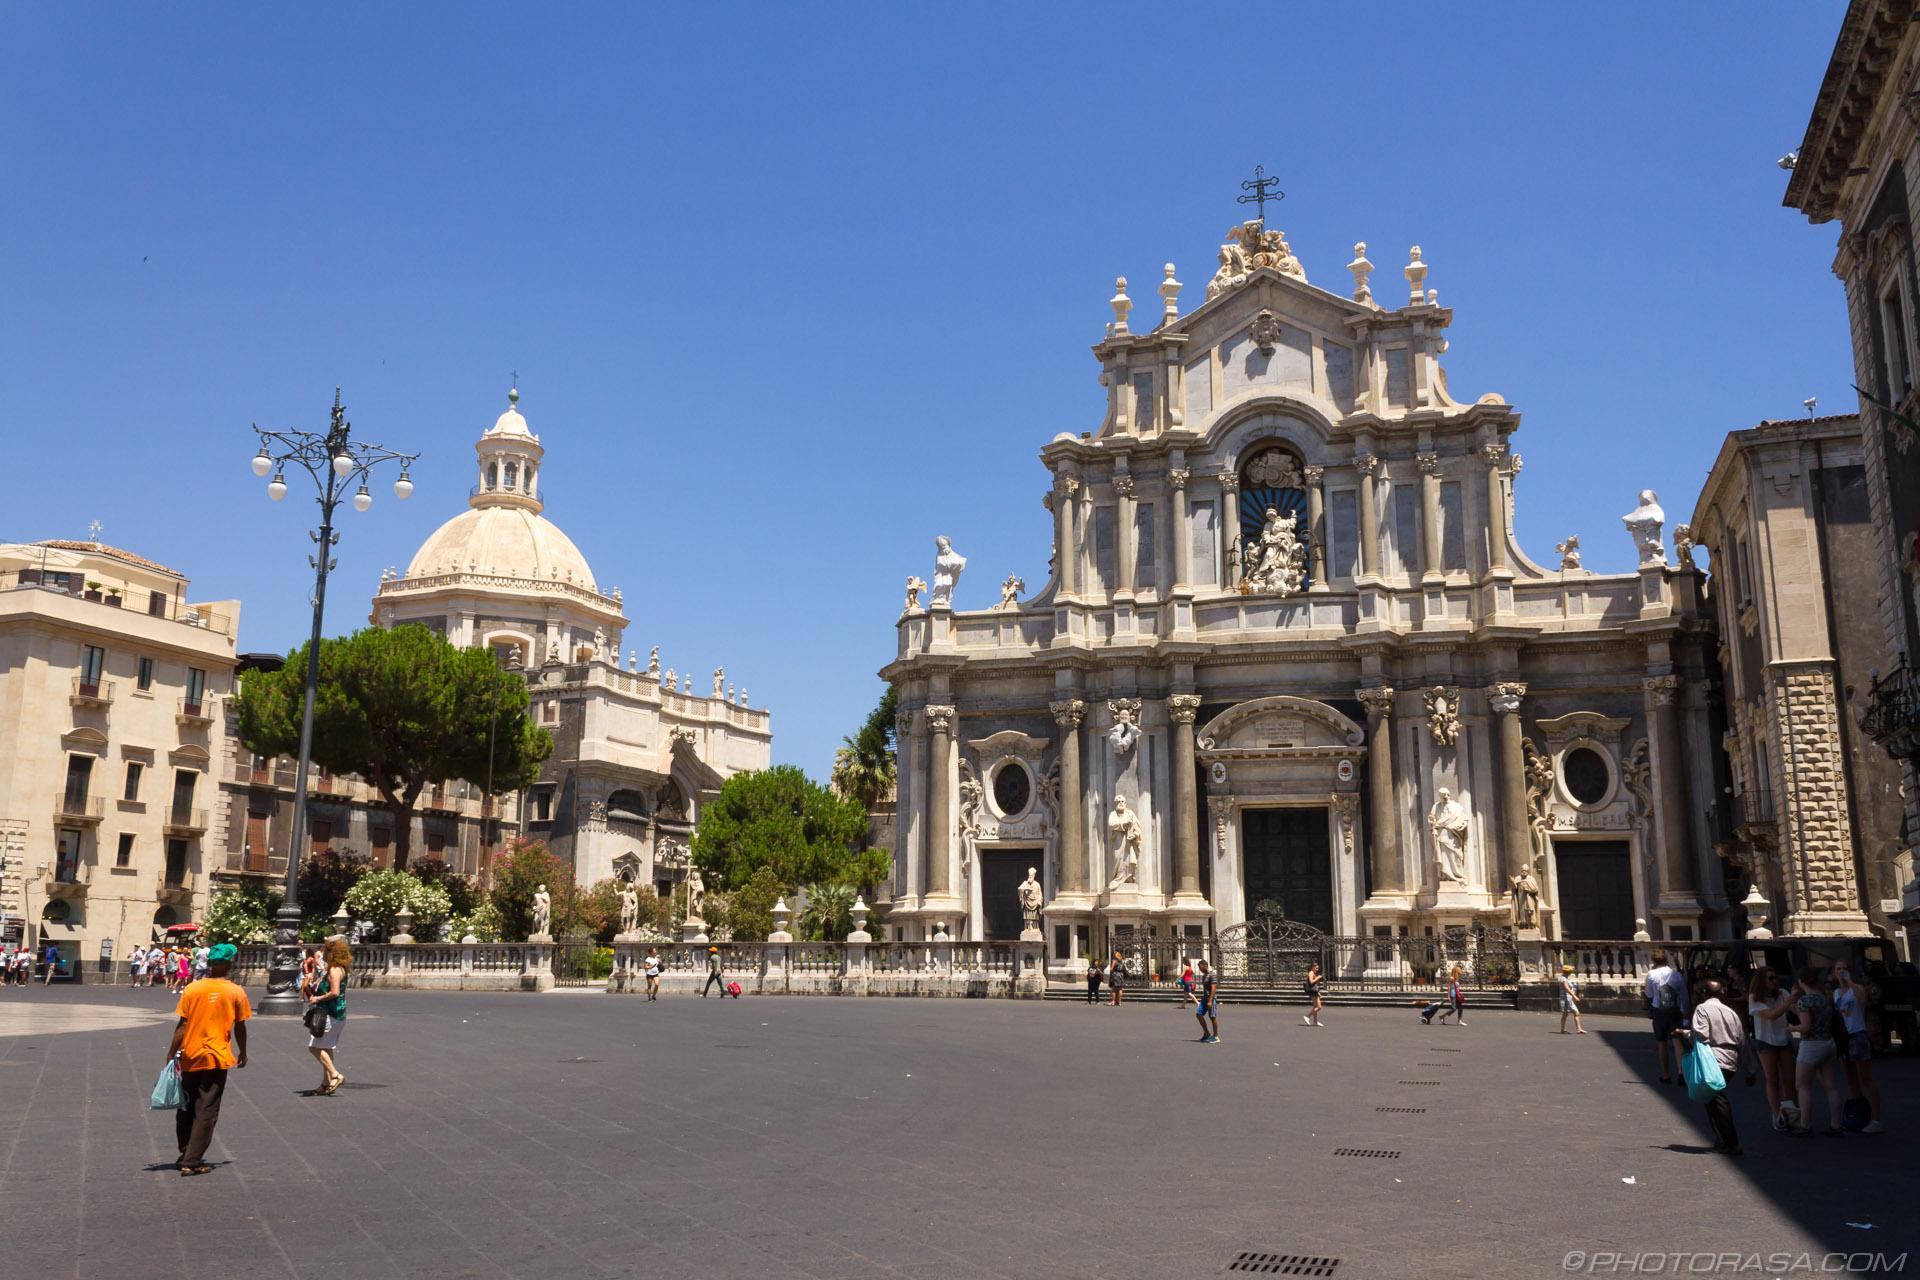 http://photorasa.com/places/catania/attachment/catania-square/